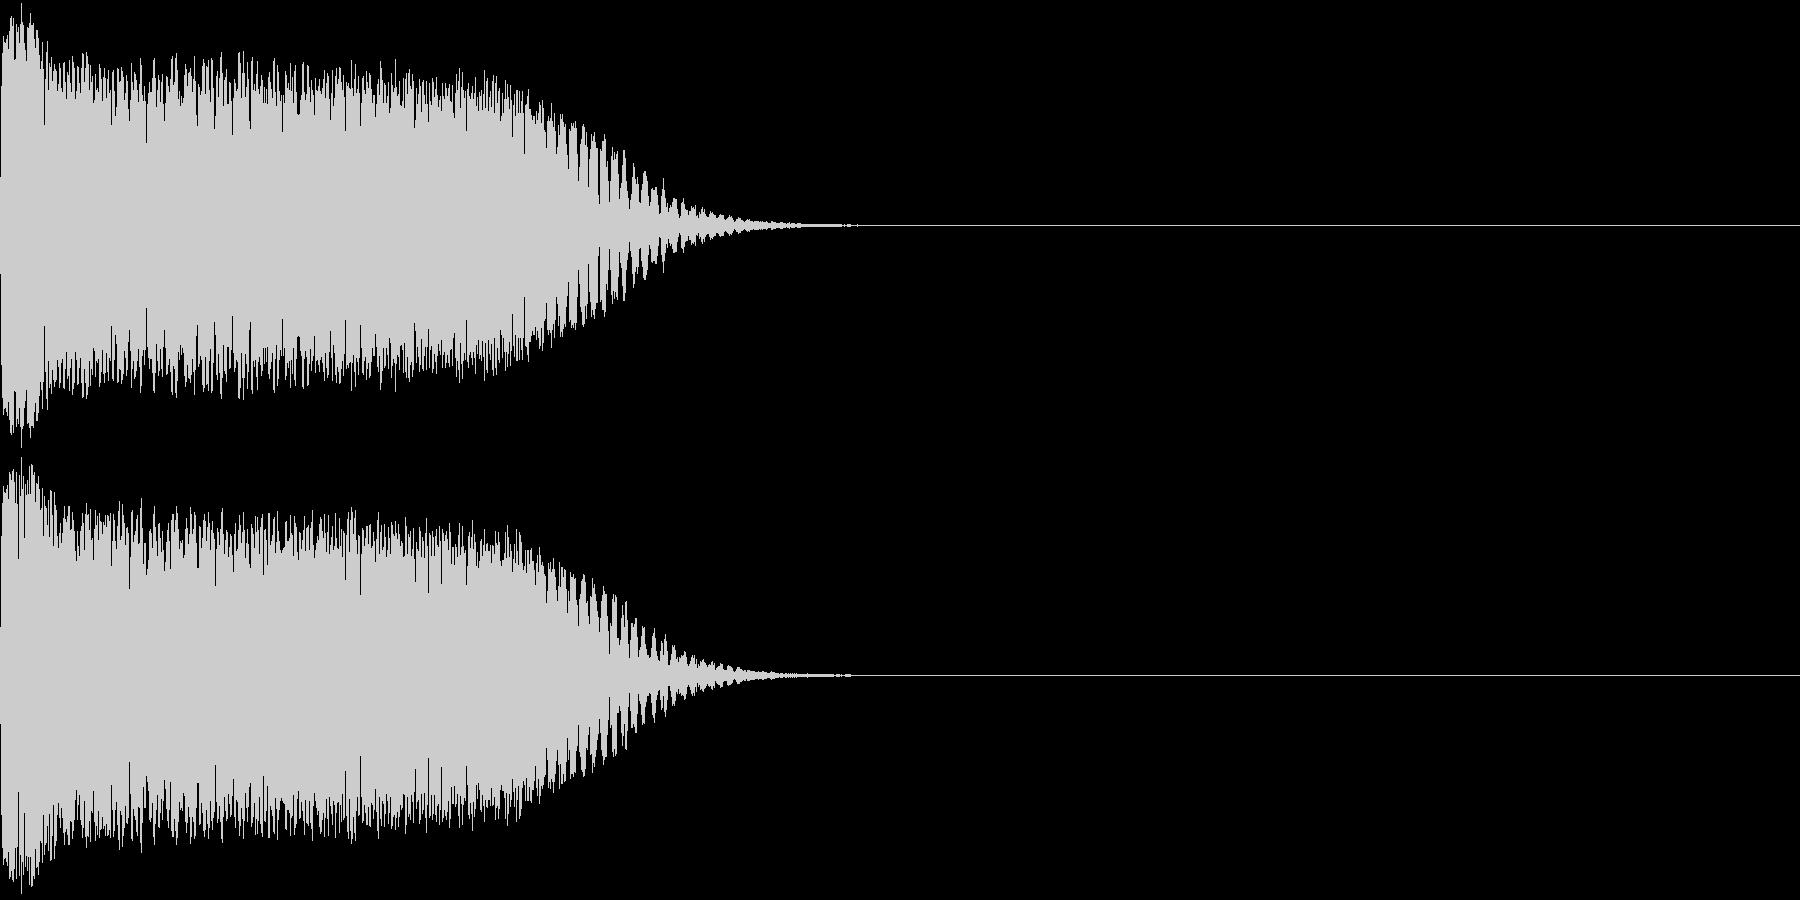 シャキーン 光る キラリ キューン 05の未再生の波形